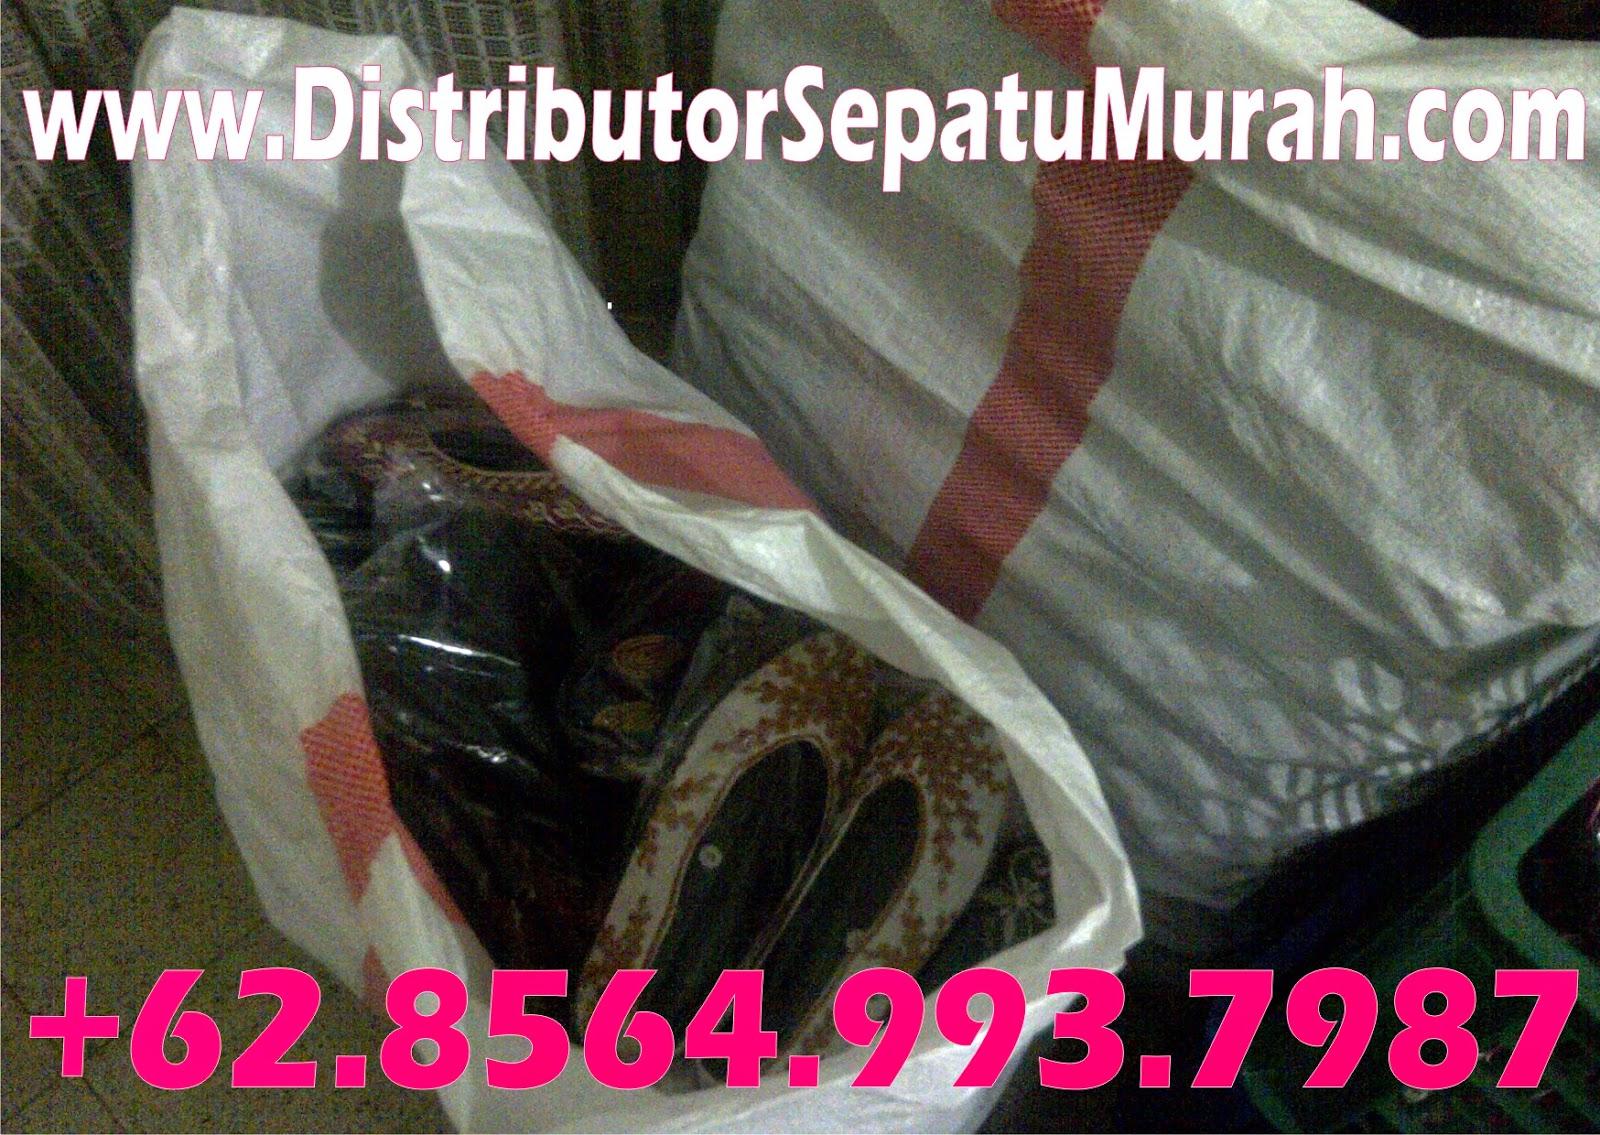 Online Sepatu Wanita Murah, Jual Online Sepatu Wanita, Jual Sepatu Wanita Online Murah, www.distributorsepatumurah.com